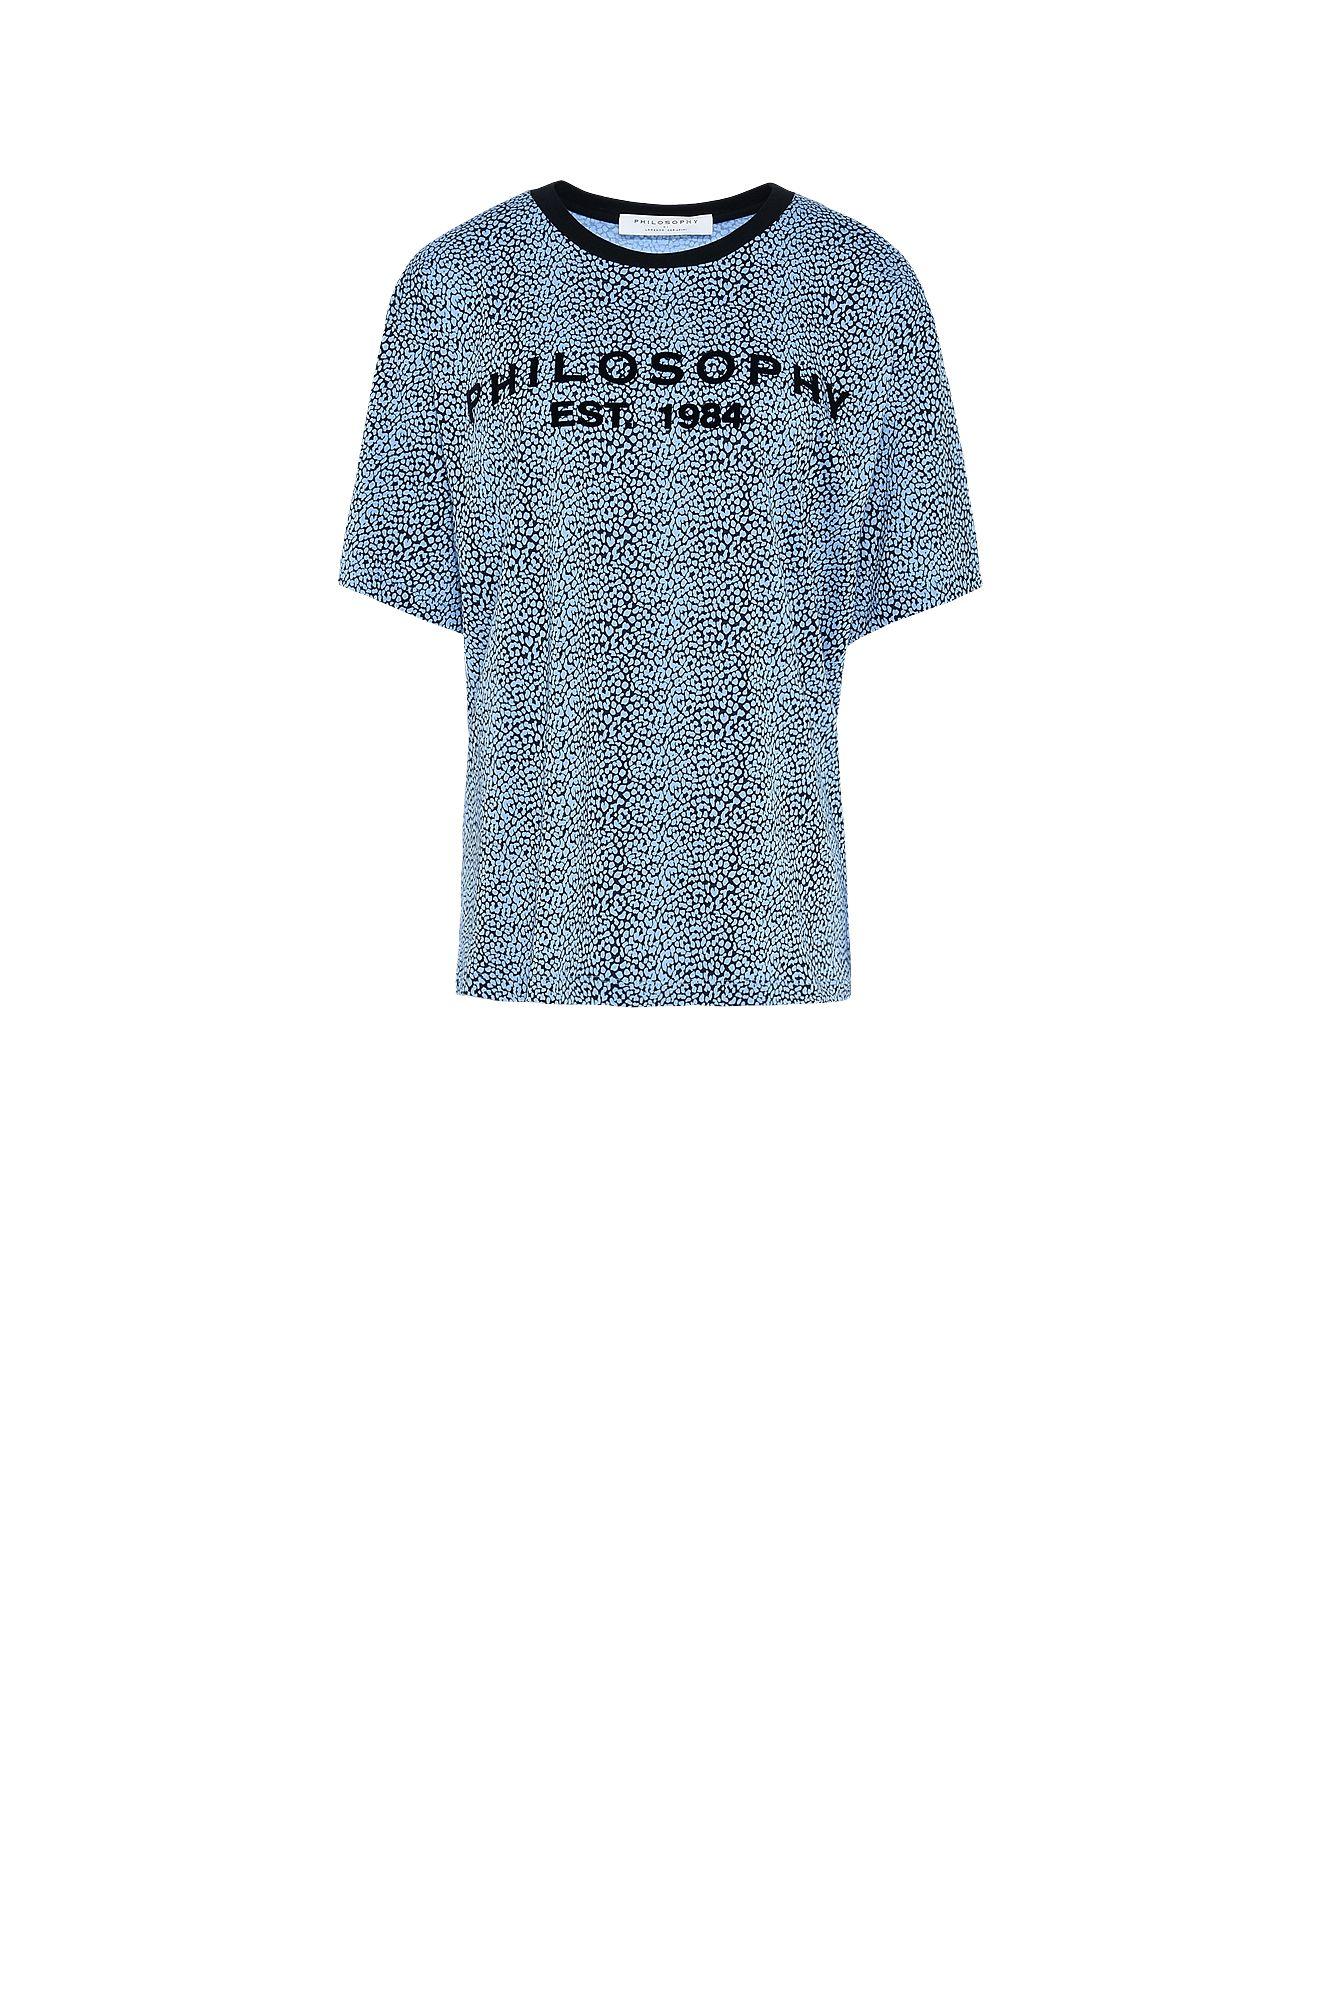 小さな斑点柄青Tシャツ